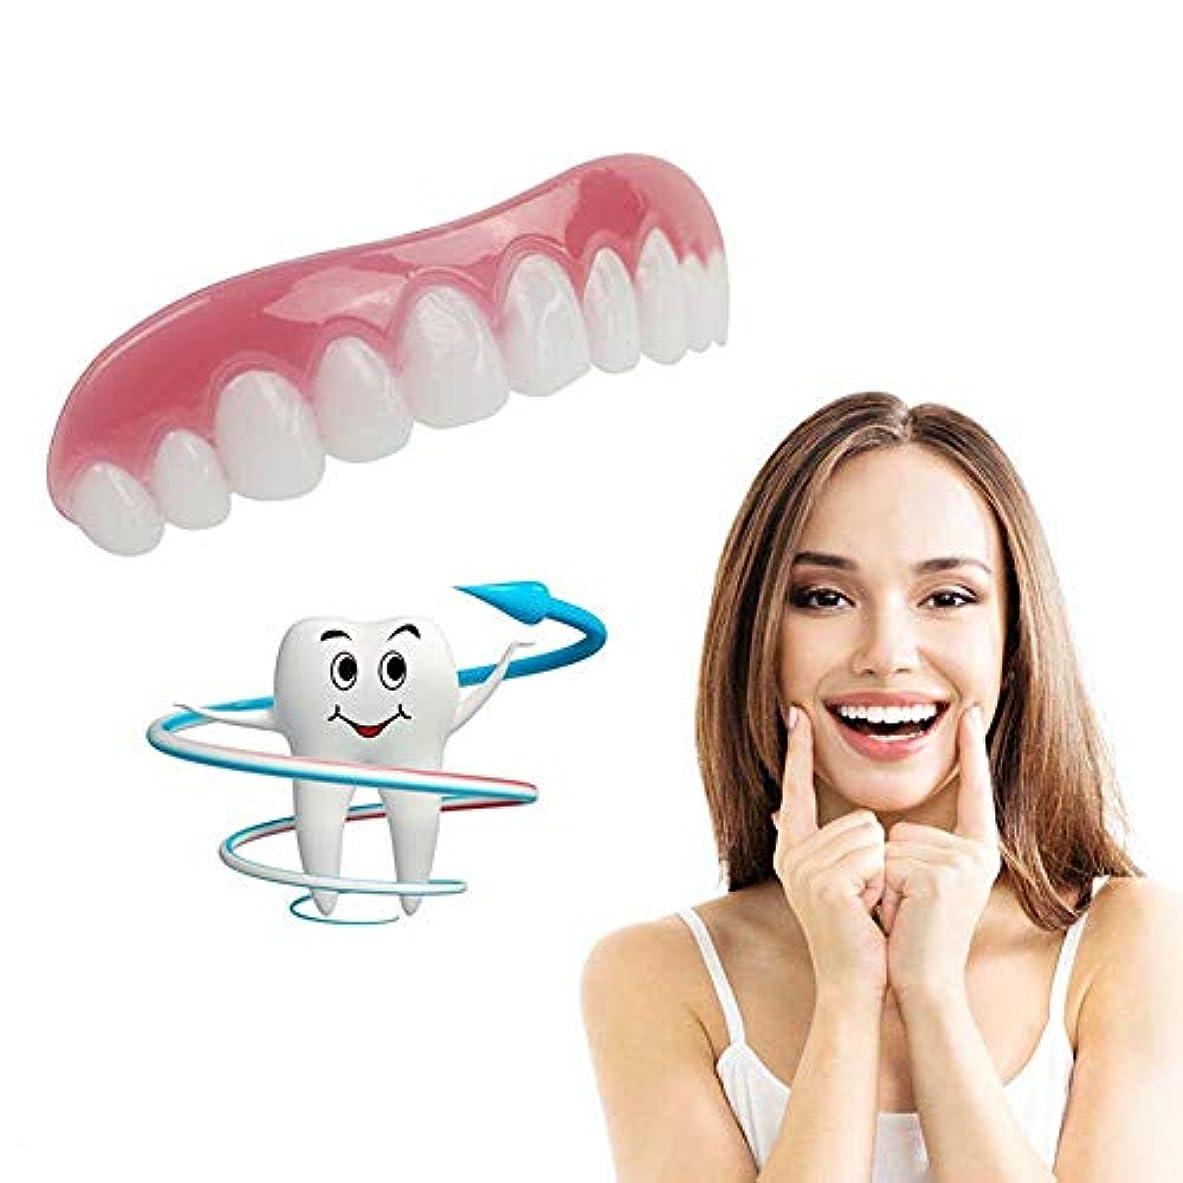 組立ベース鋼化粧品の歯、超快適、快適なフィット感、白い歯をきれいにするための快適なフィットフレックス歯ソケット、快適なフィット感、3セット